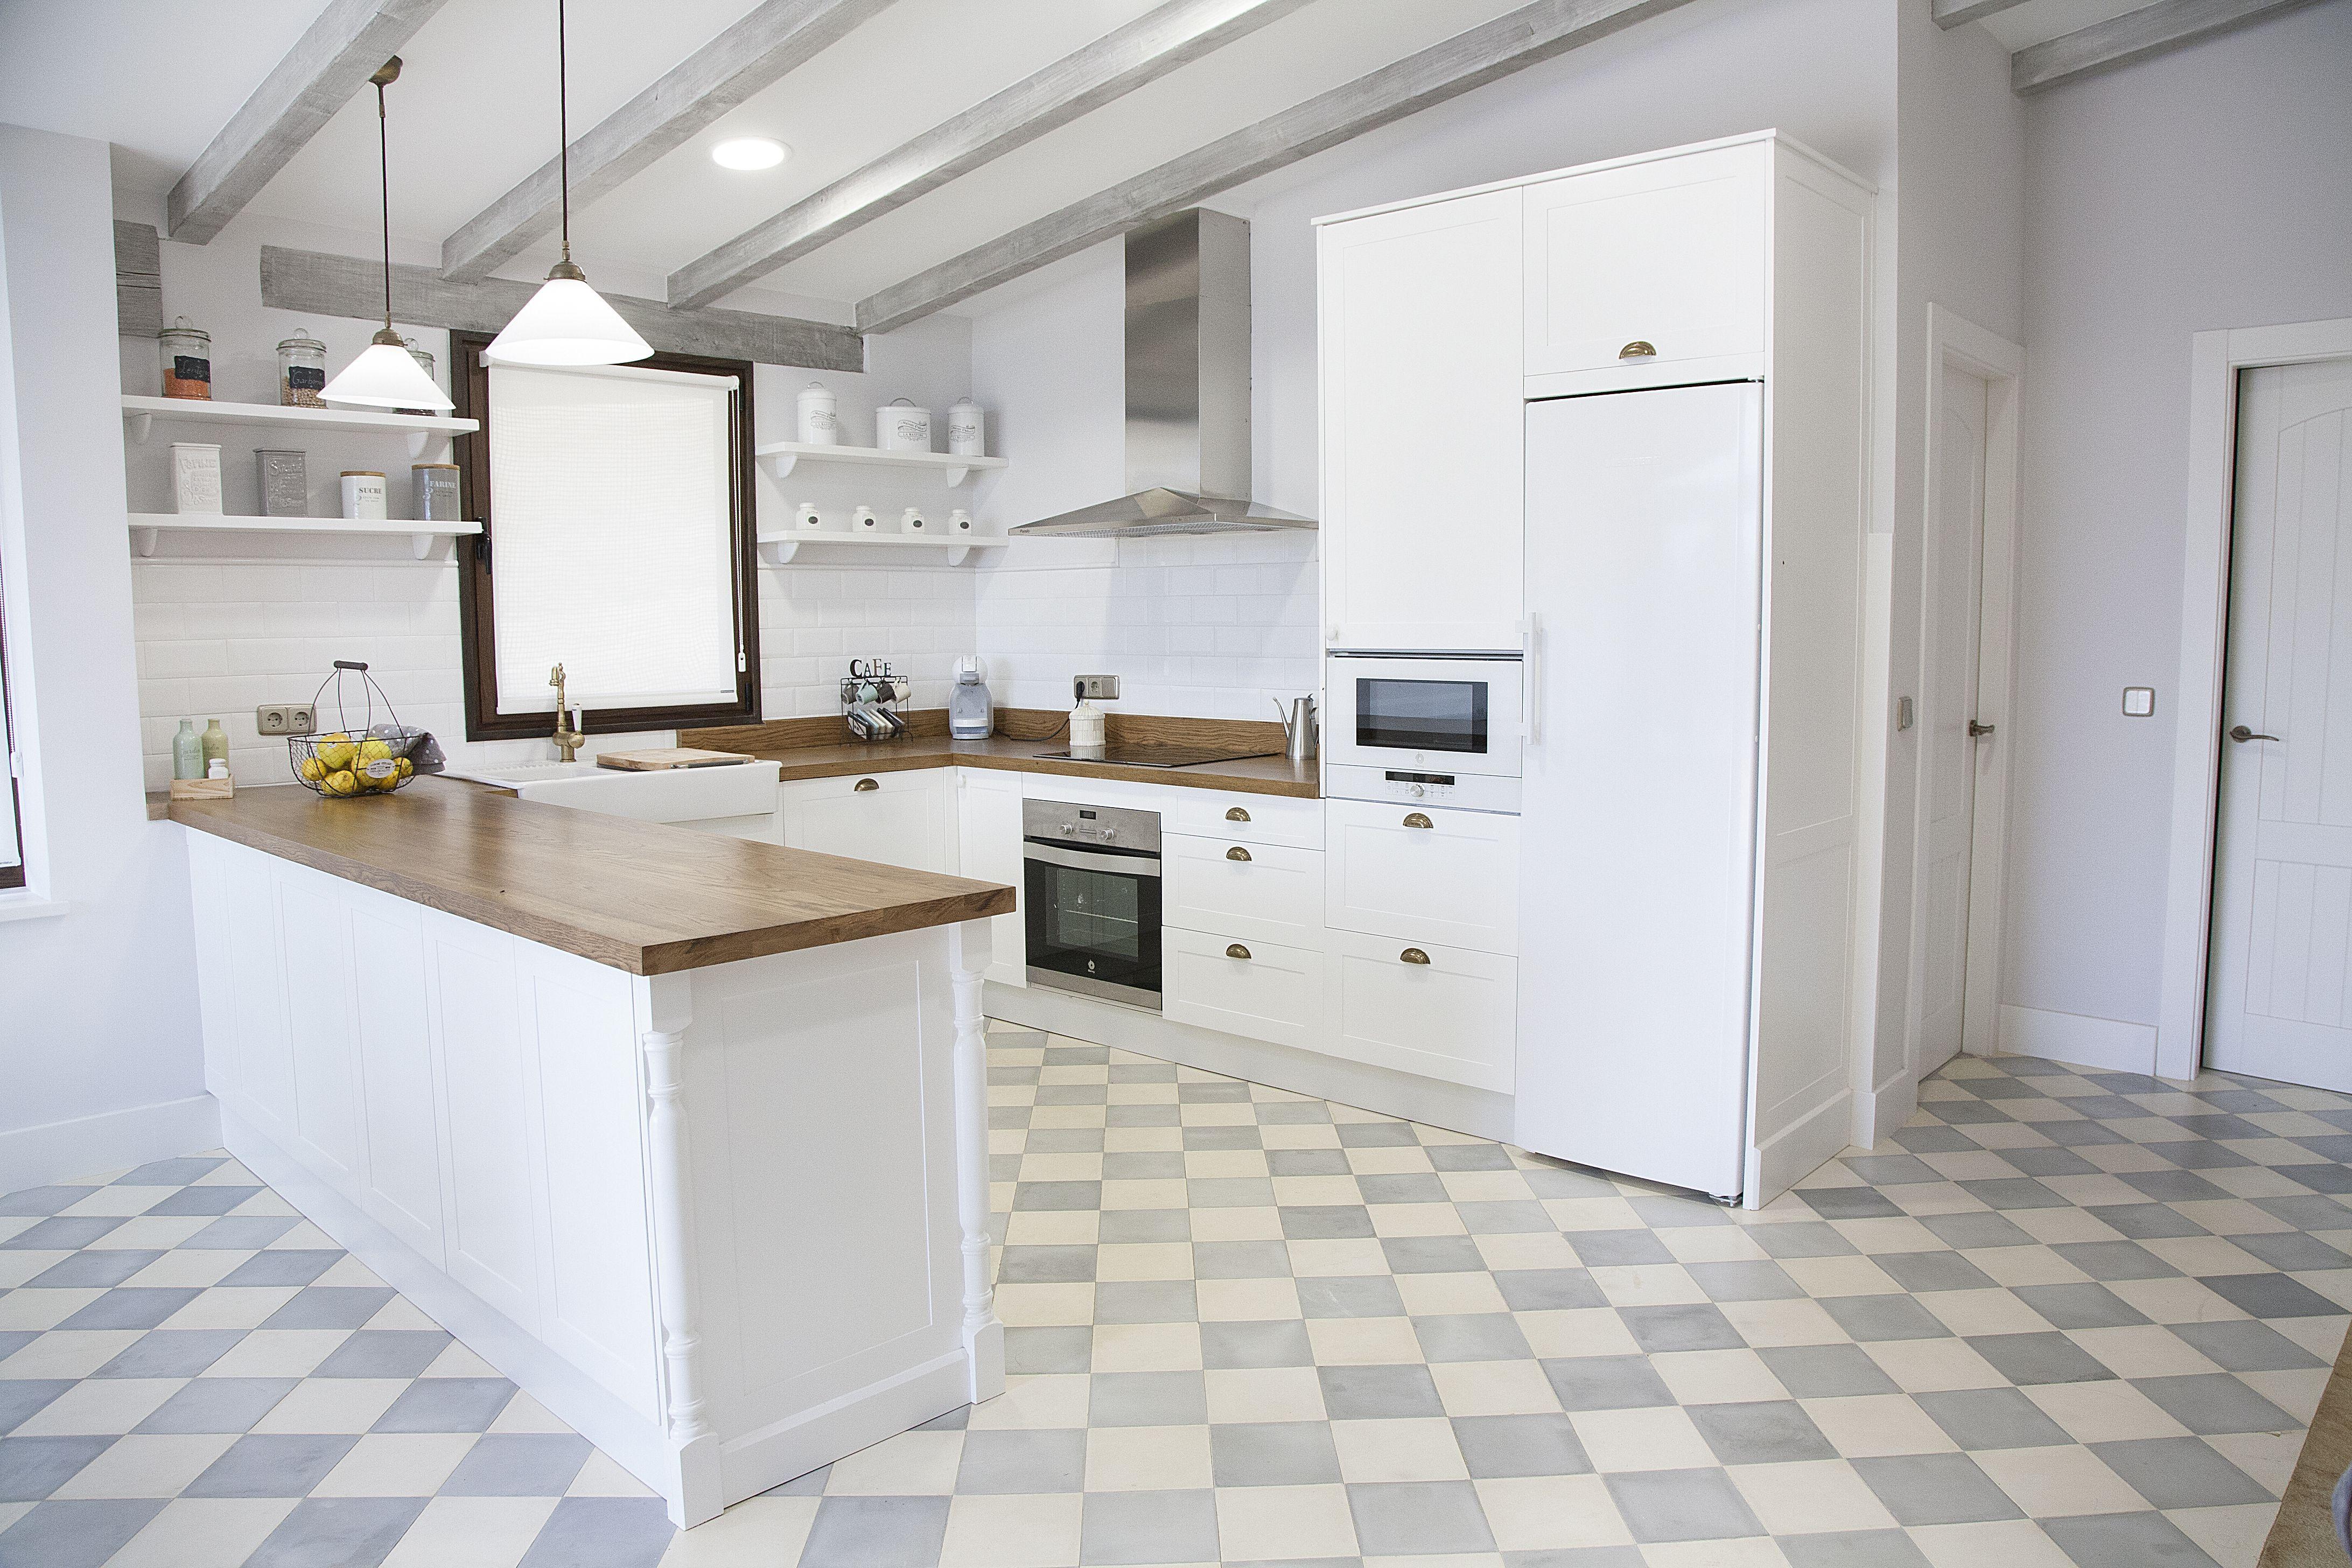 Cocina Blanca Encimera De Madera Suelo Hidr Ulico